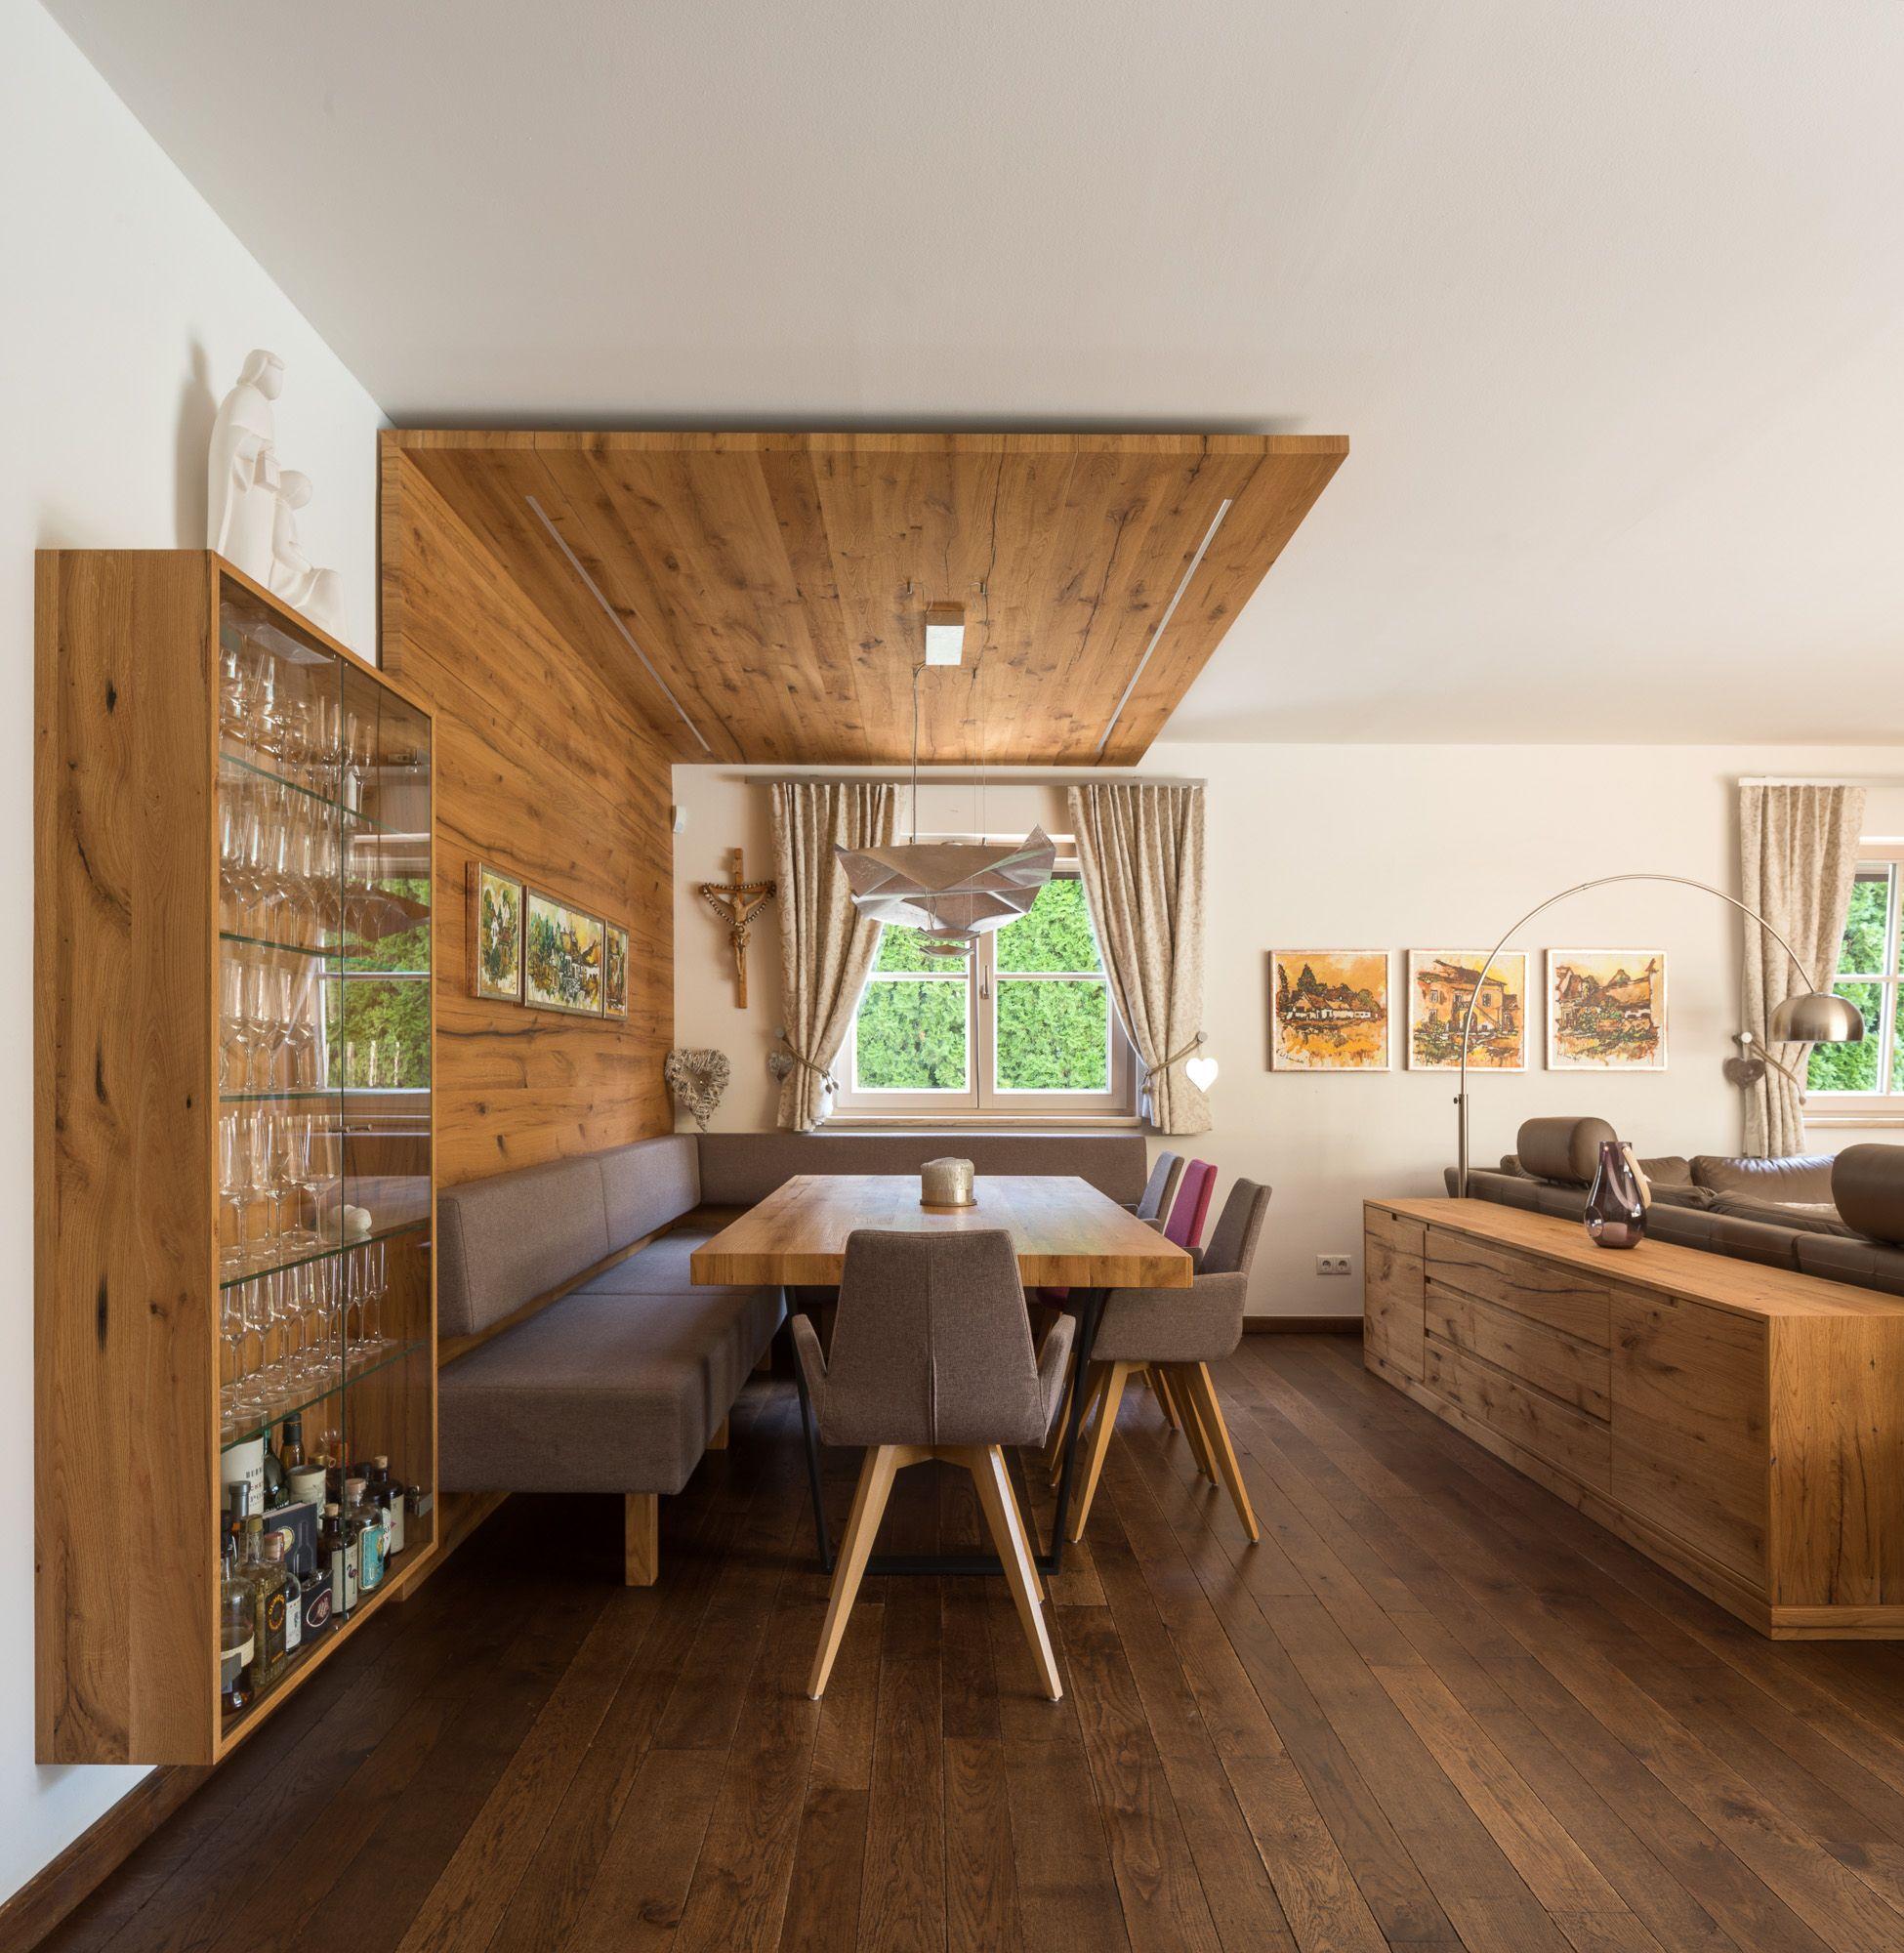 Ess Wohnzimmer In Altholz Eiche Geburstet Mit Wand Und Deckenverkleidung Offene Wohnraume Altholz Eiche Deckenverkleidung